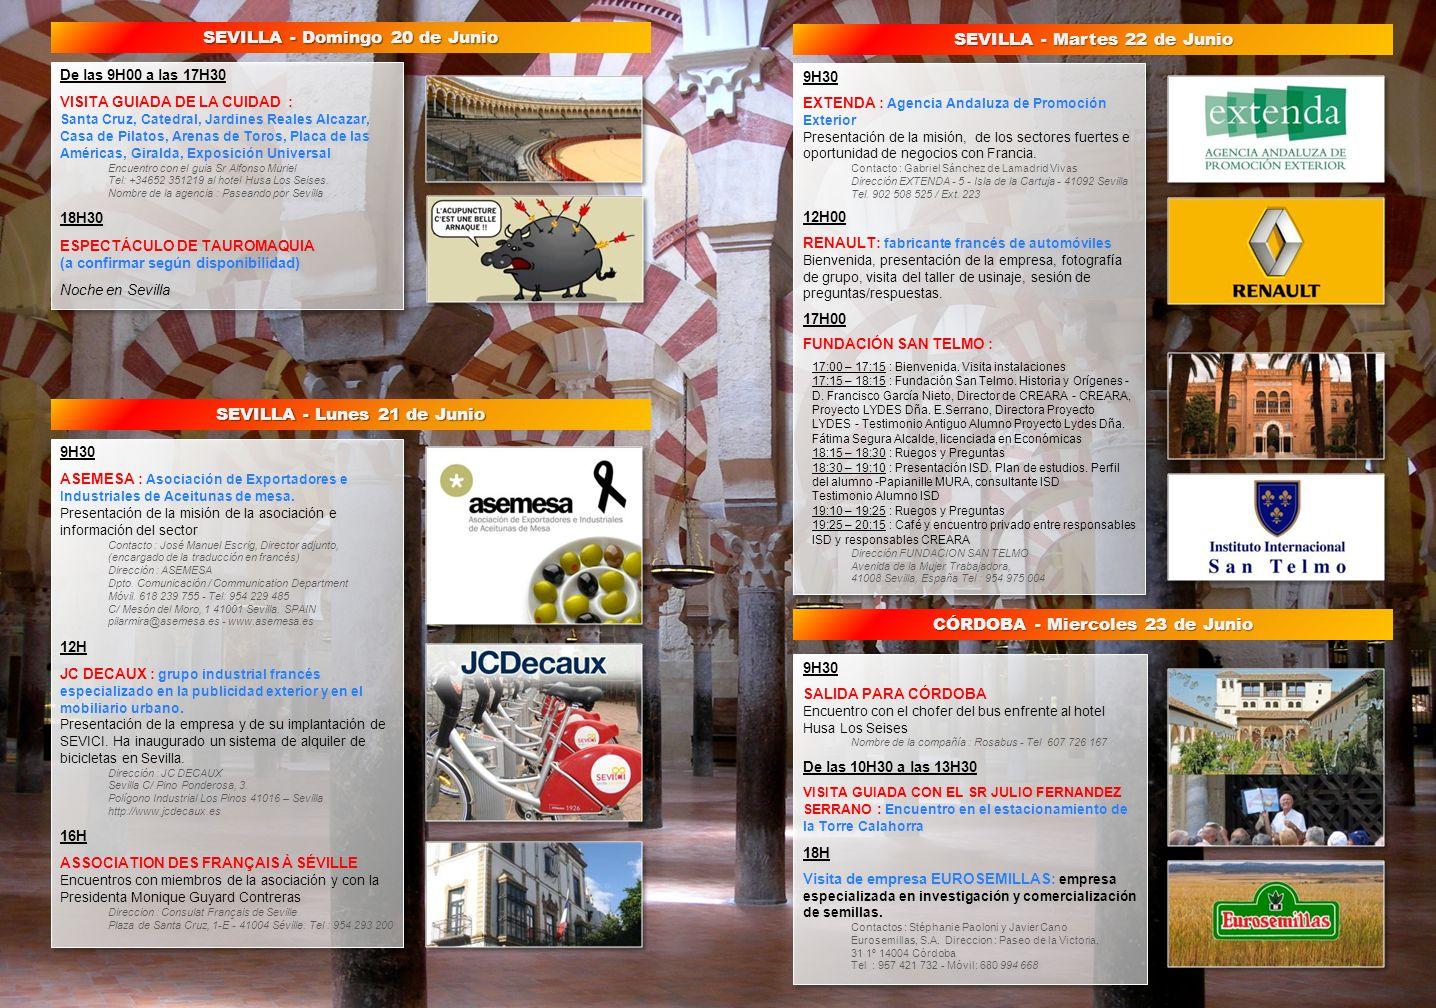 SEVILLA - Domingo 20 de Junio SEVILLA - Martes 22 de Junio